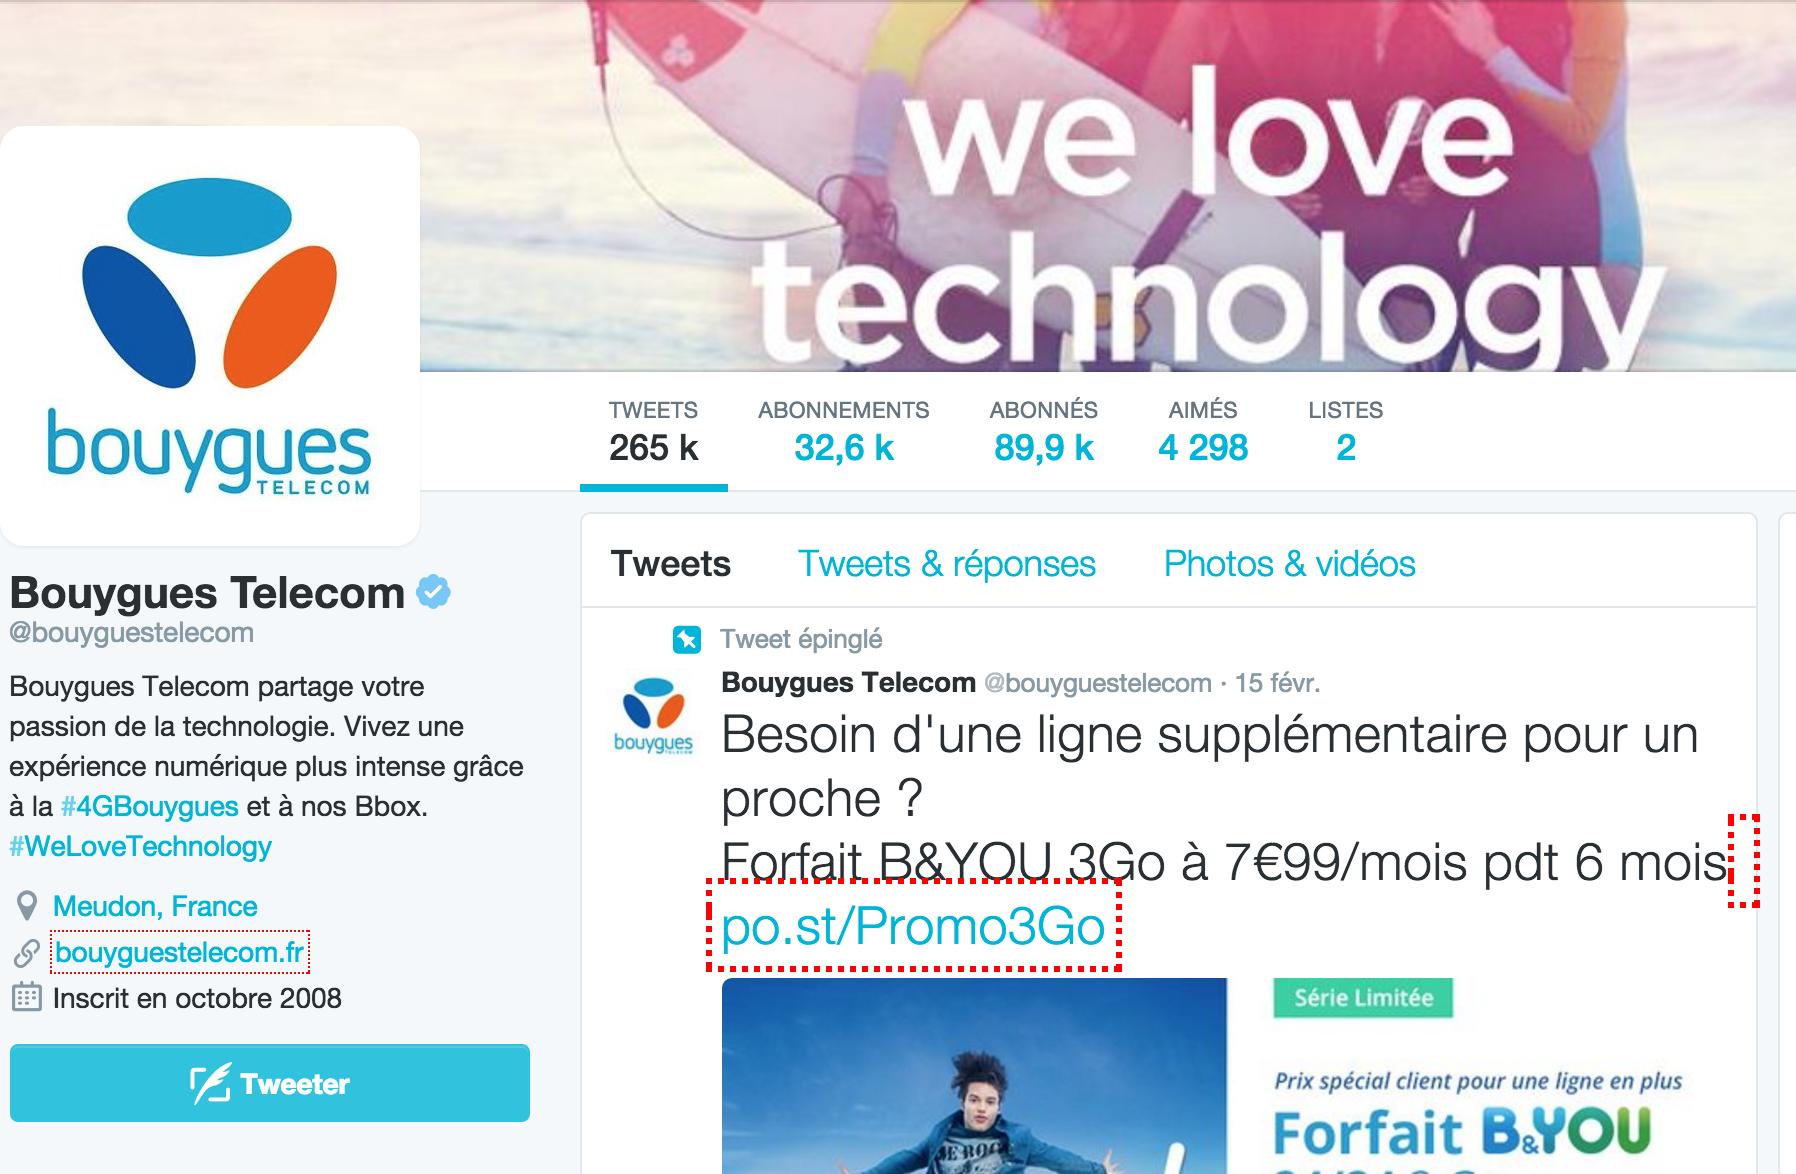 Cliquez pour contacter le support Bouygues via Twitter